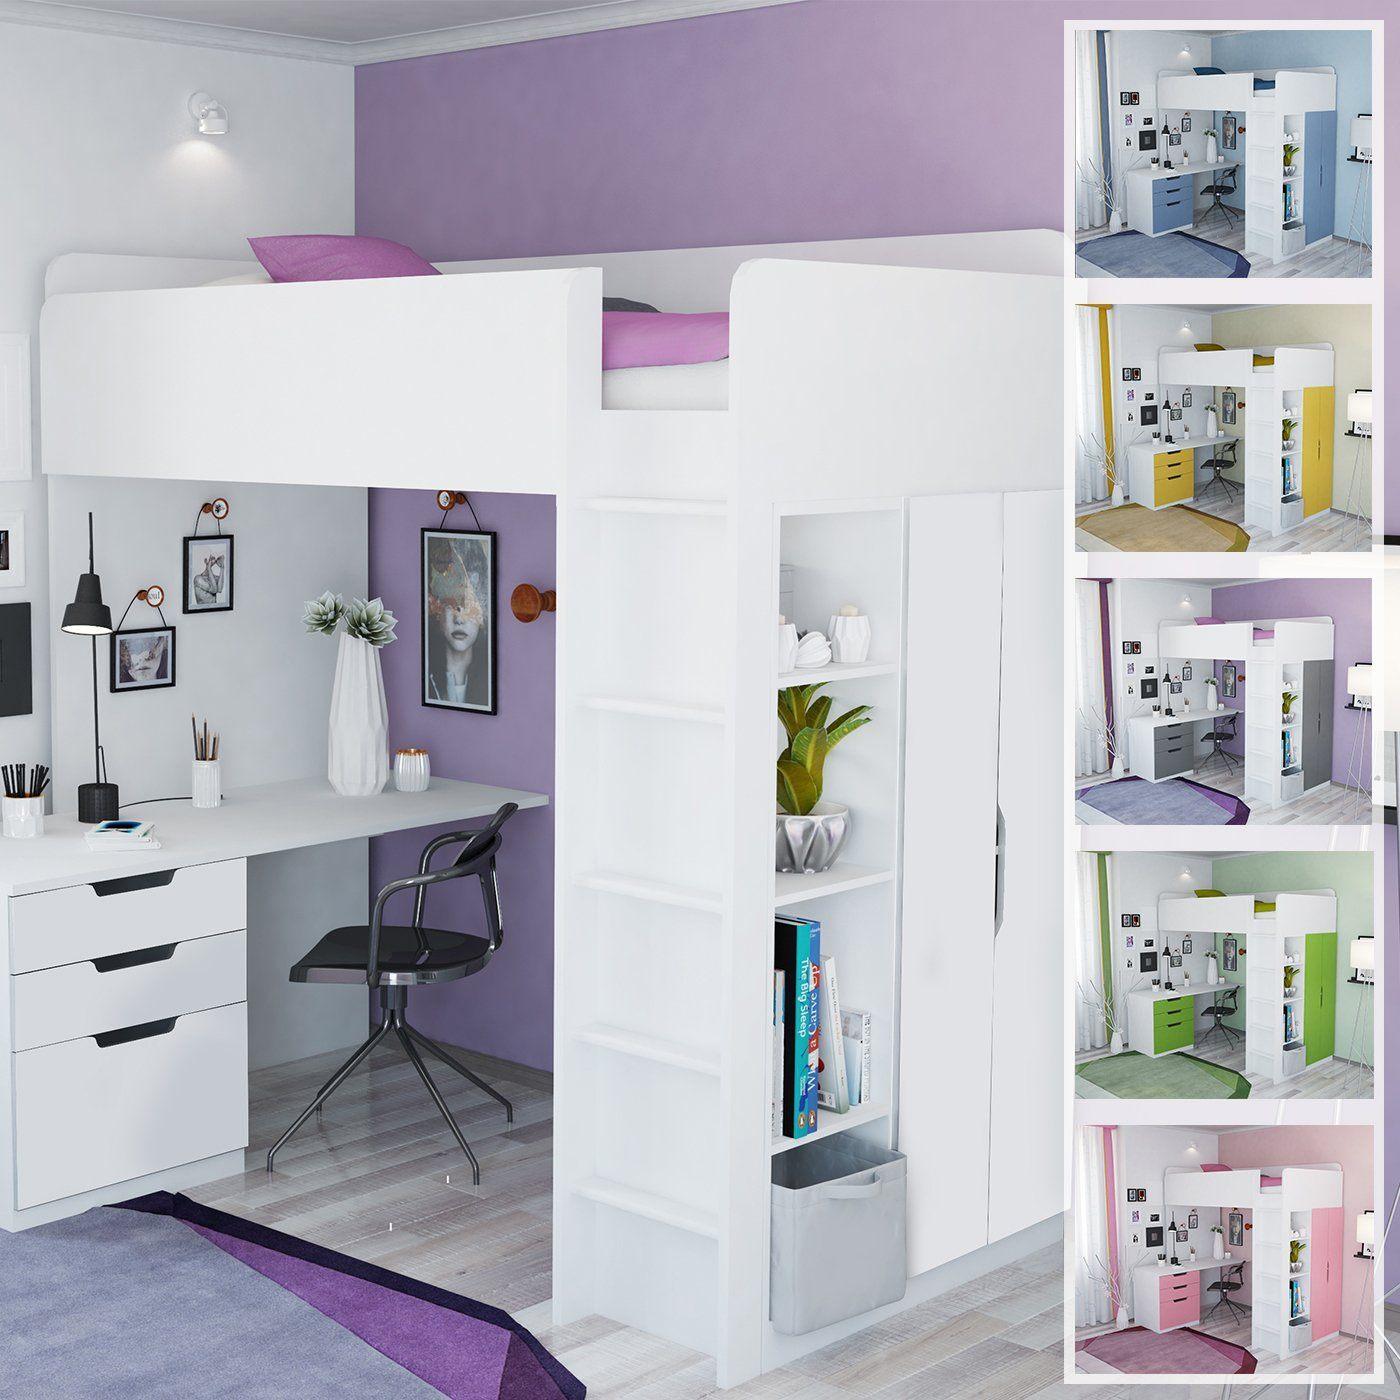 Full Size of Kinderzimmer Hochbett Regal Regale Sofa Weiß Kinderzimmer Kinderzimmer Hochbett